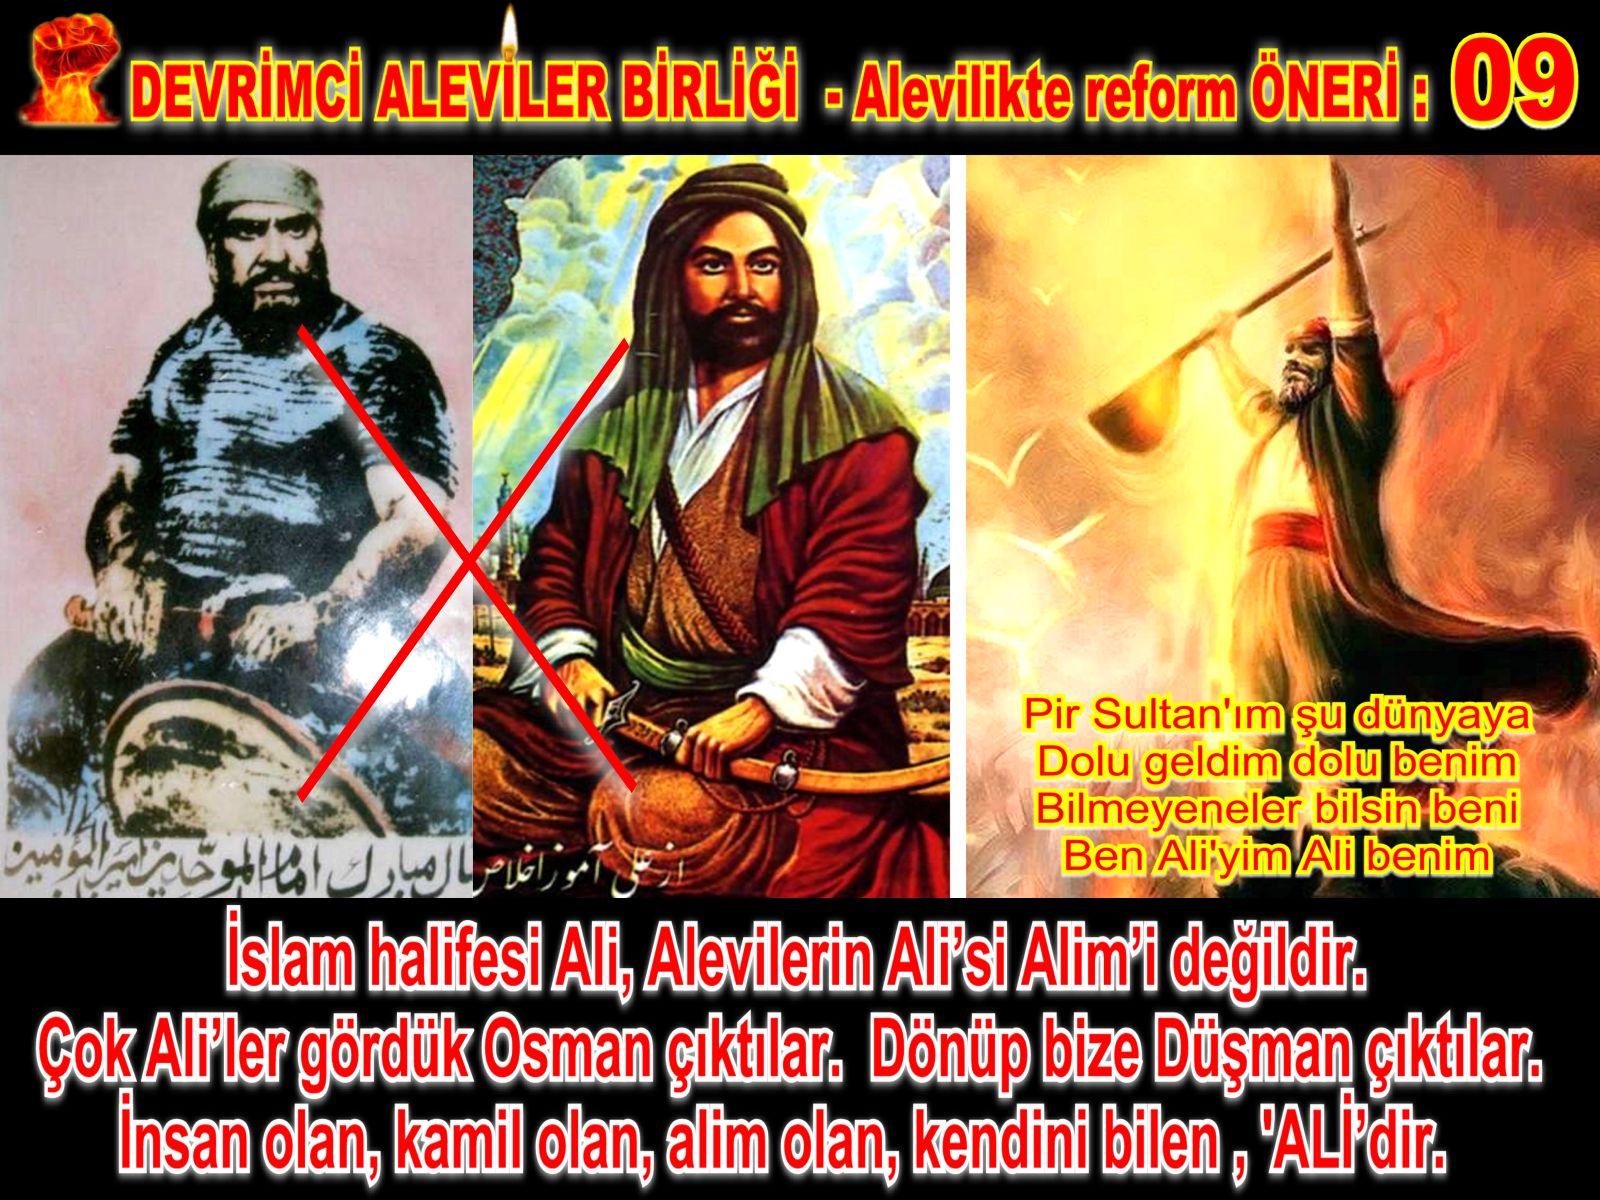 Devrimci Aleviler Birliği DAB Alevi Kızılbaş Bektaşi pir sultan cem hz Ali 12 imam semah Feramuz Şah Acar REFOM oneri9